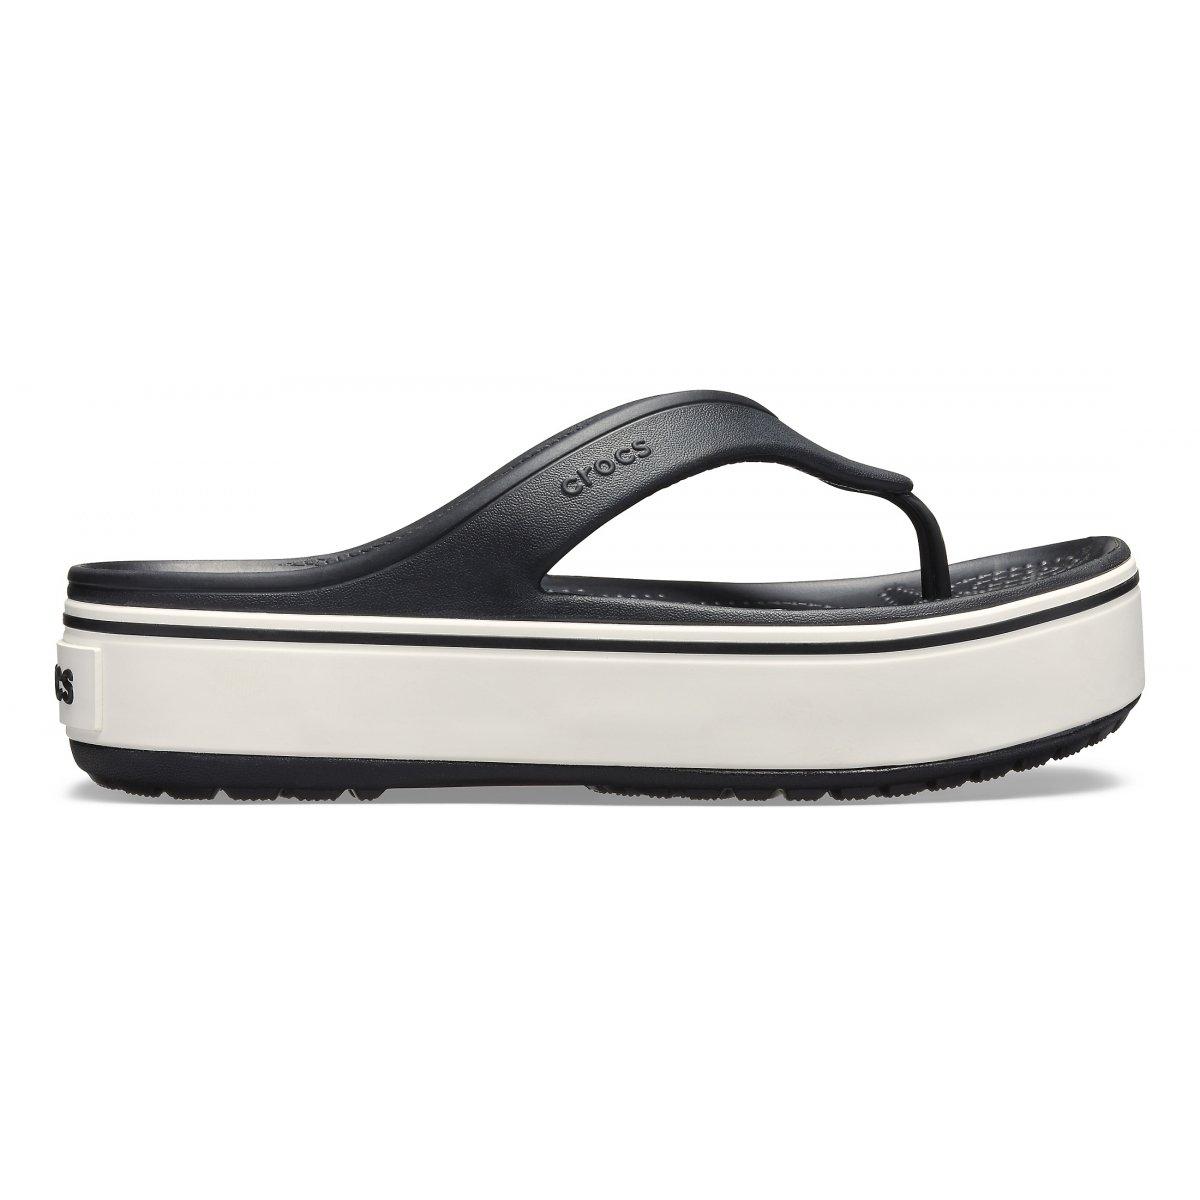 prezzo incredibile il migliore prezzo economico Crocband™ Platform Flip W - Tacchi e Zeppe Footwear Donna   Crocs ...